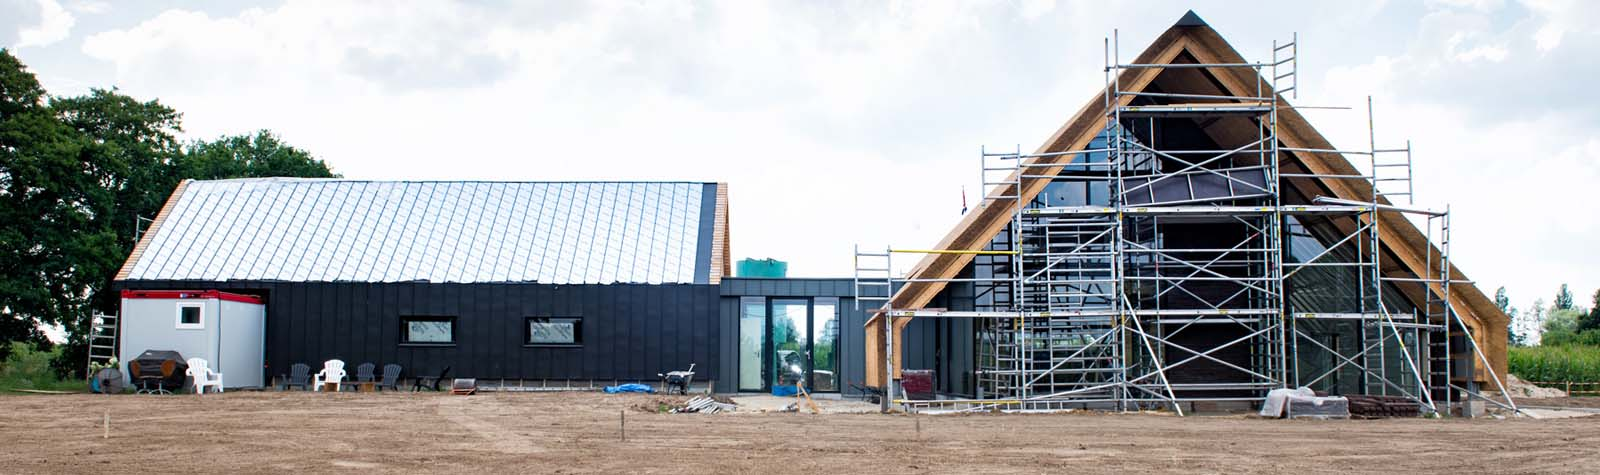 nieuwbouw-landhuis